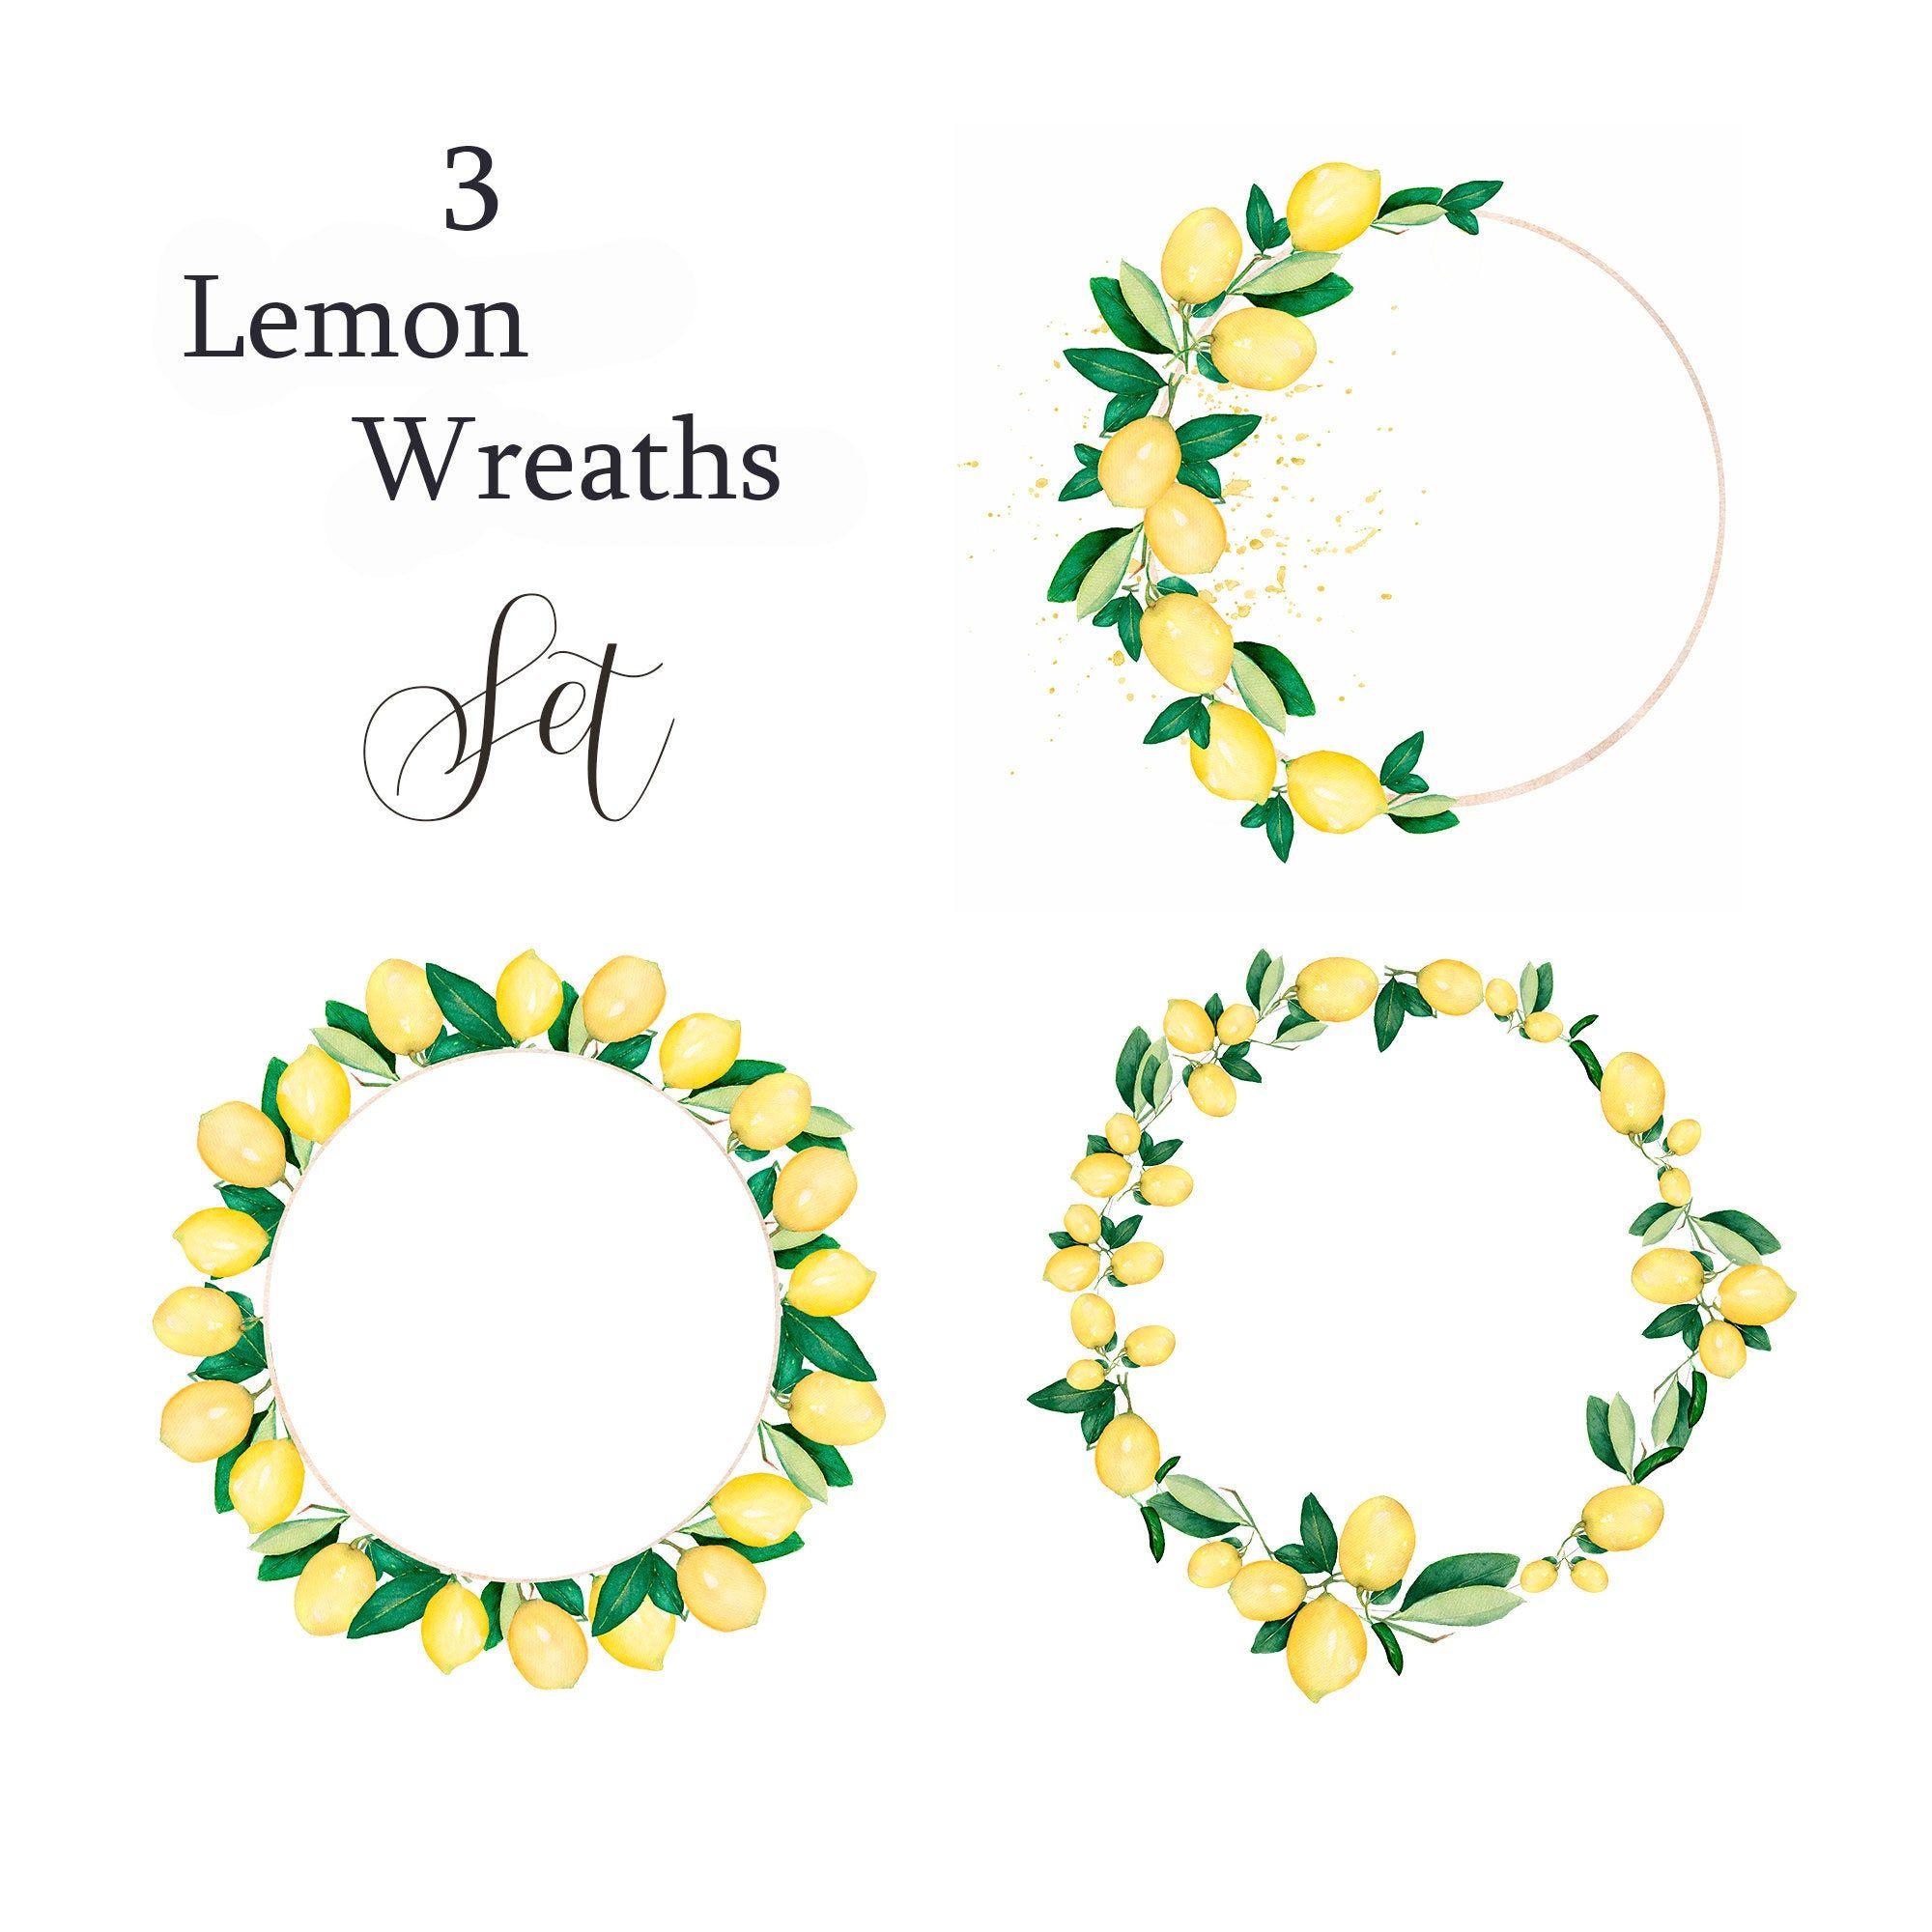 Watercolor Lemon citrus fruit Wreath, Wedding Frame